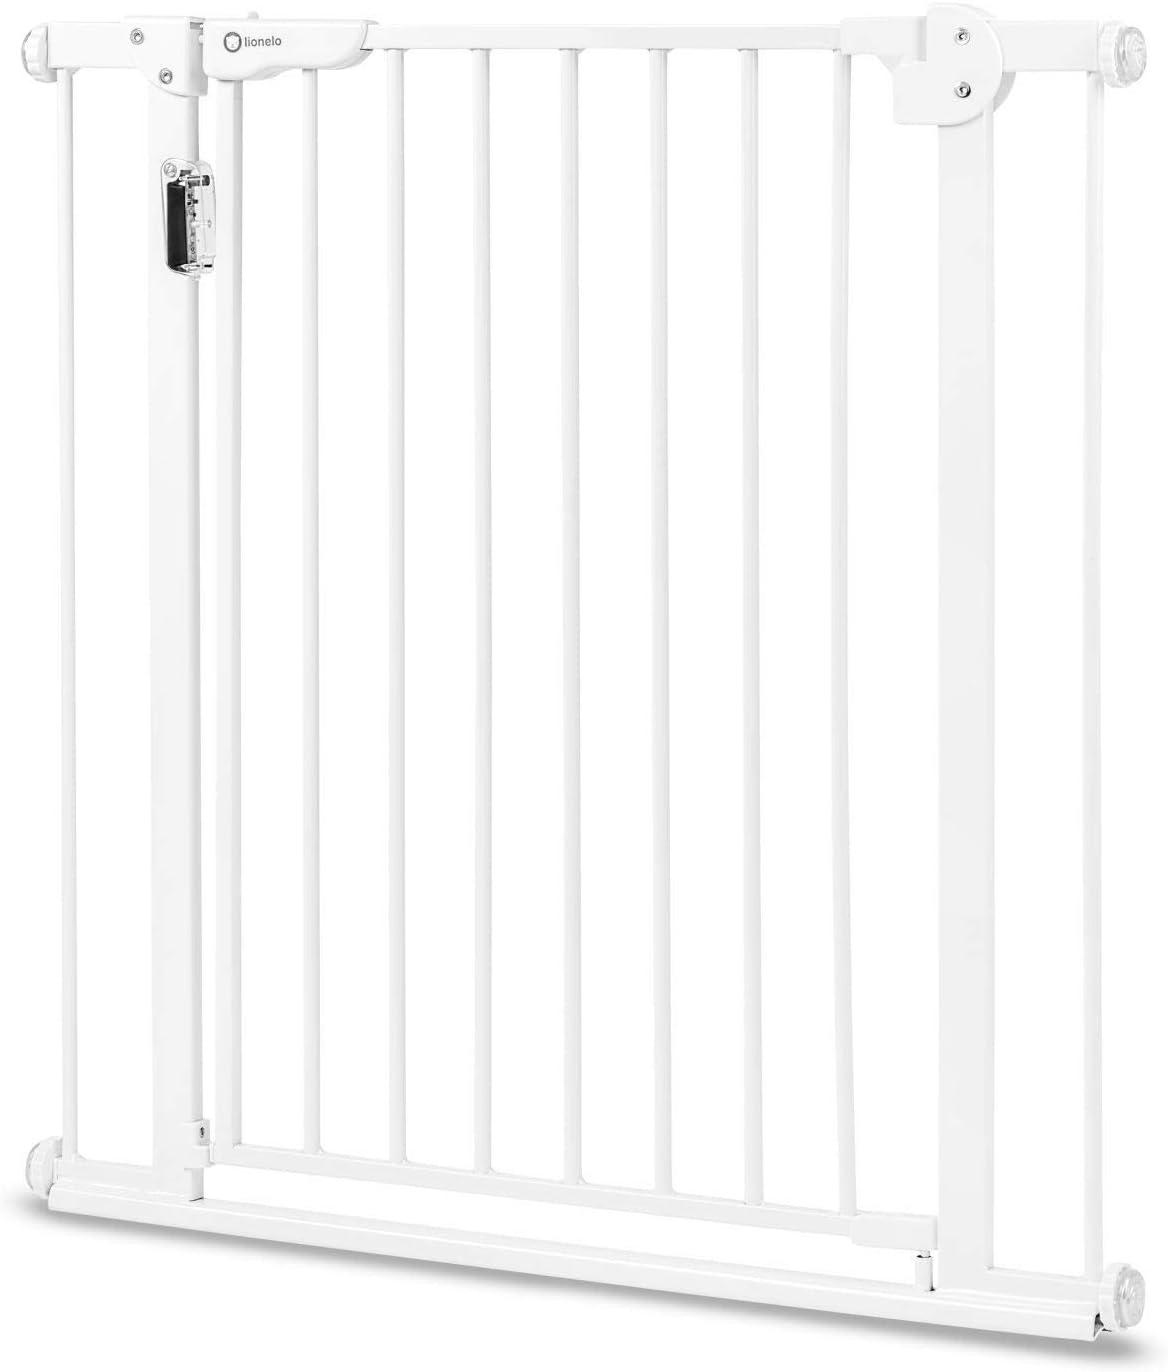 Lionelo LO-TRUUS SLIM White Truus Slim Grille de protection de porte pour b/éb/é 75 /à 105 cm Blanc 5 kg